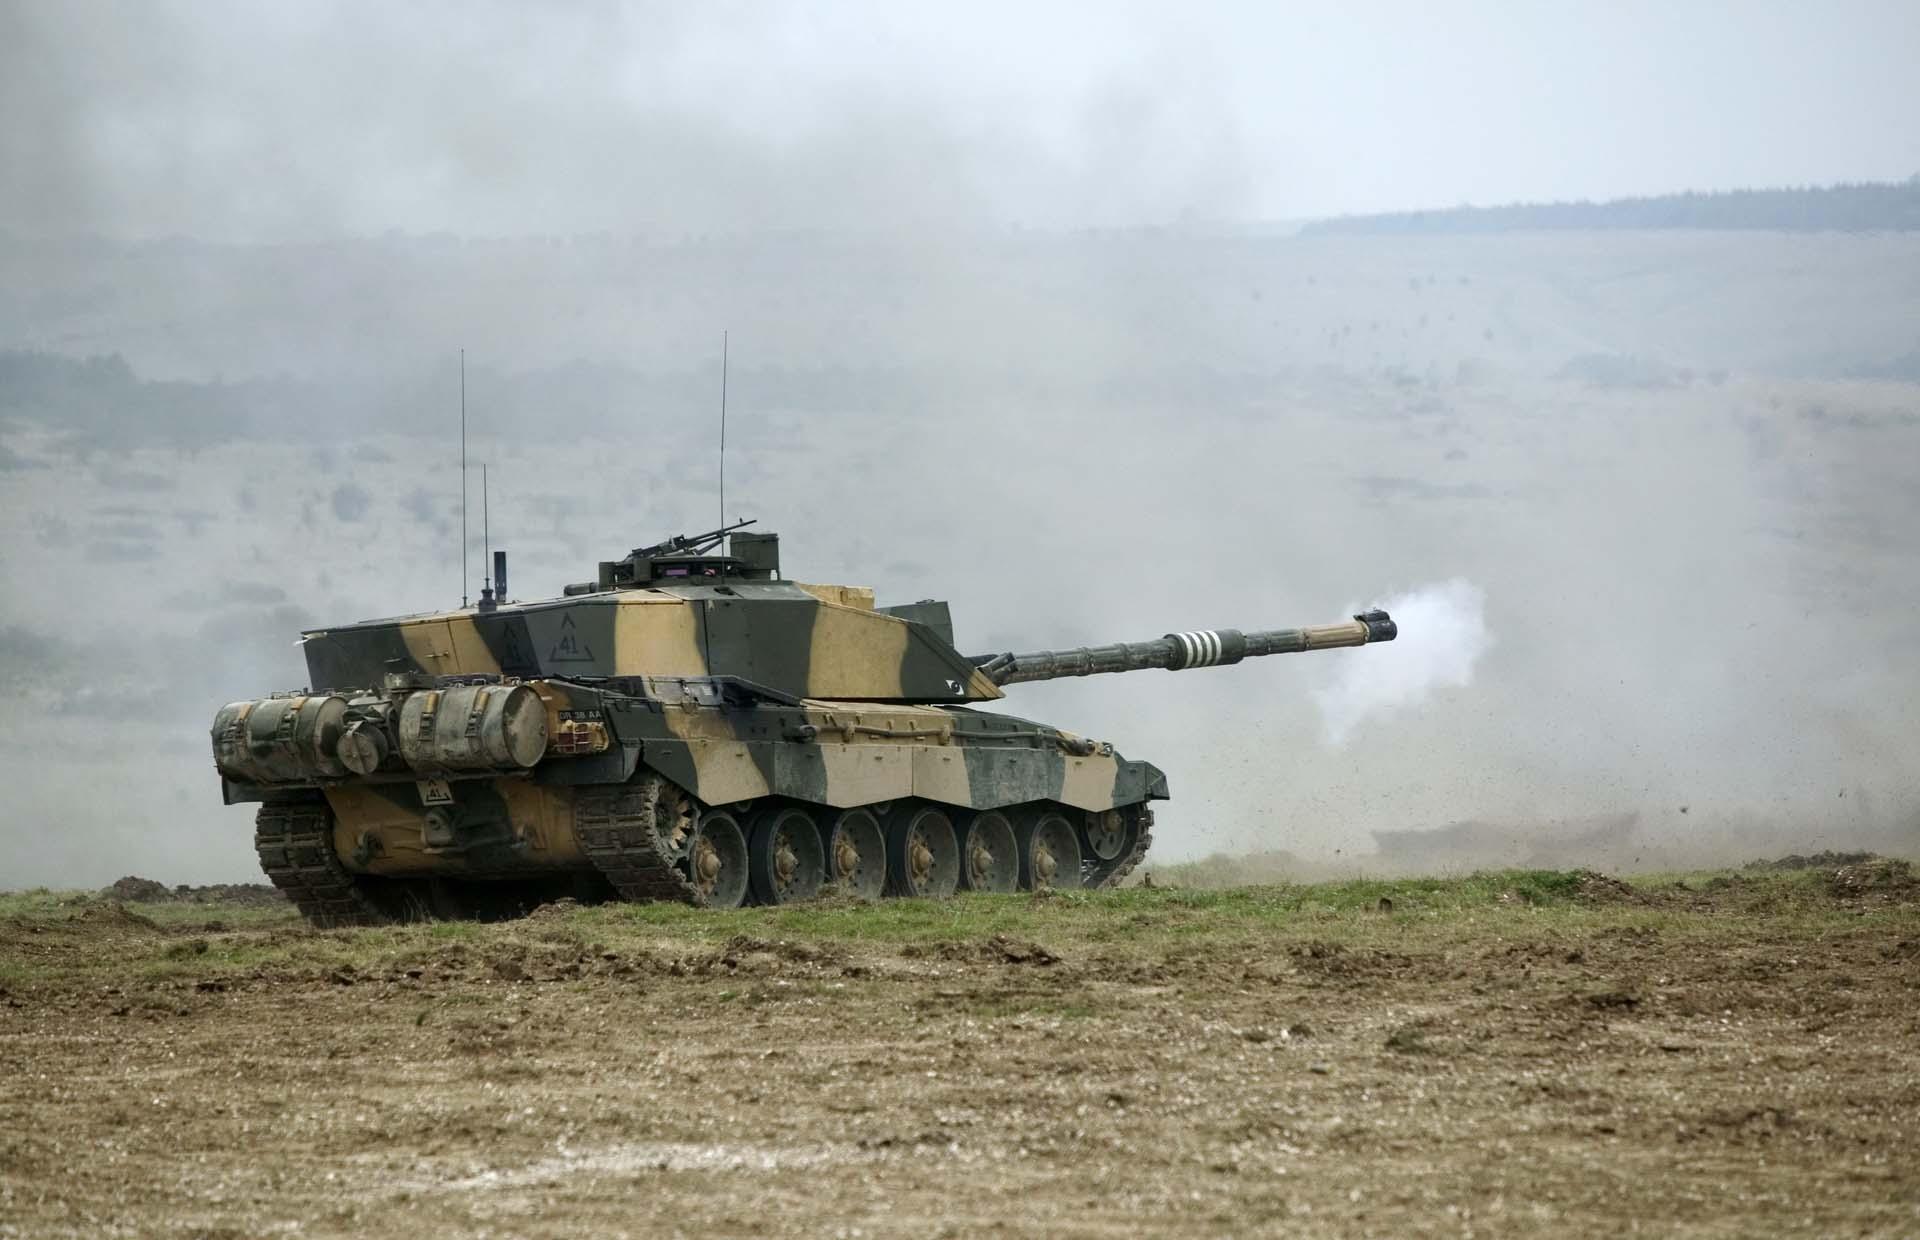 многочисленных новейшие танки великобритании фото поздравление днем рождения